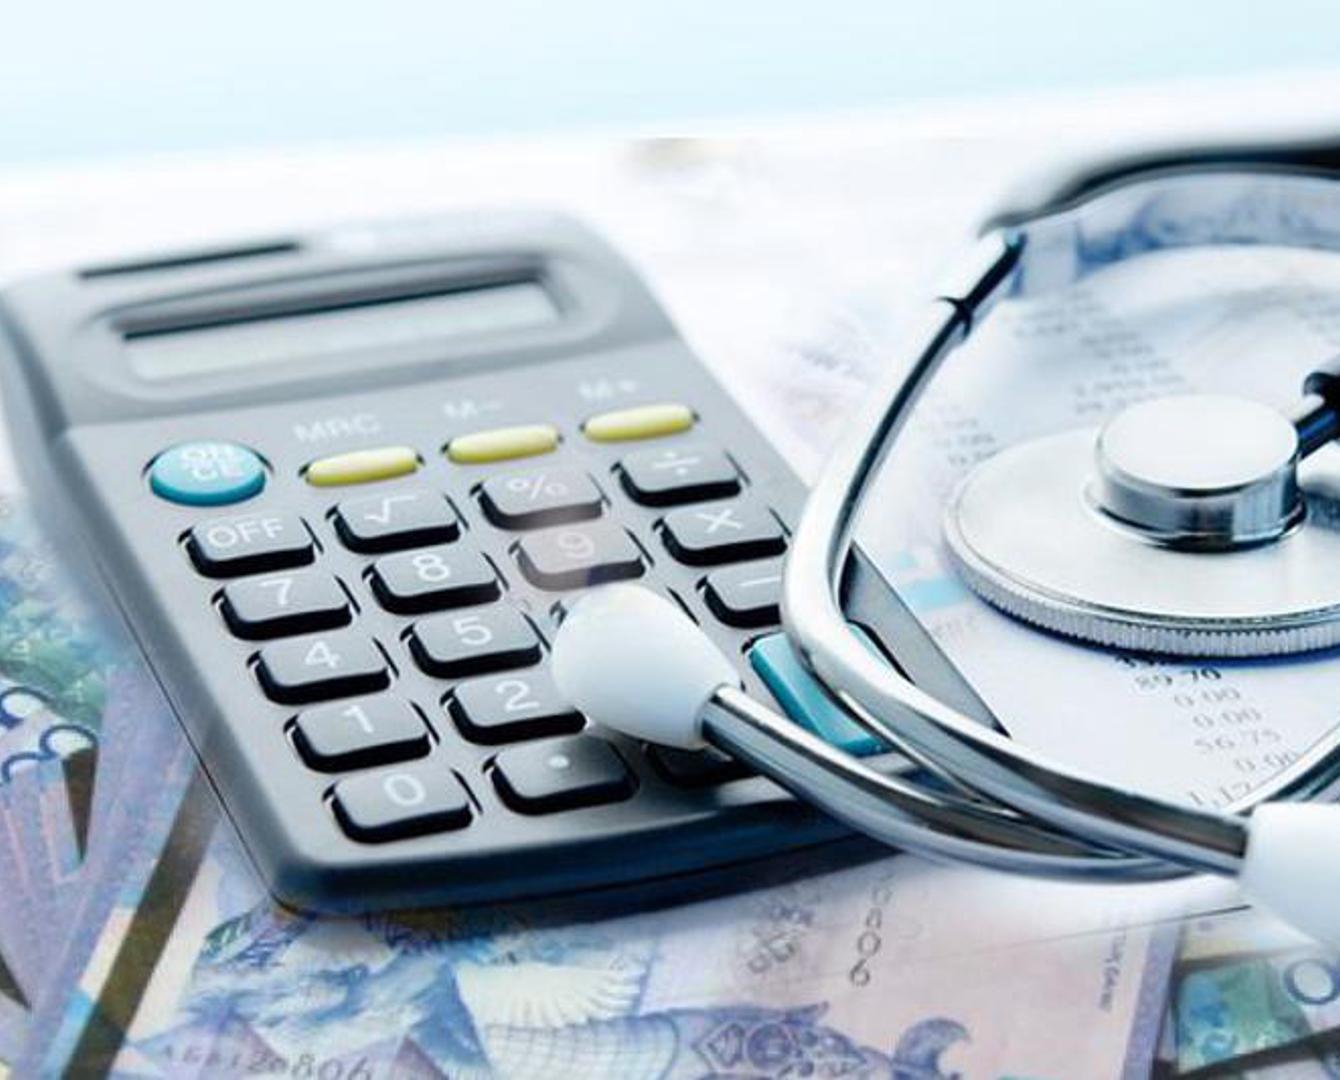 Фонд медстрахования раскрыл порядок выплаты за медуслуги